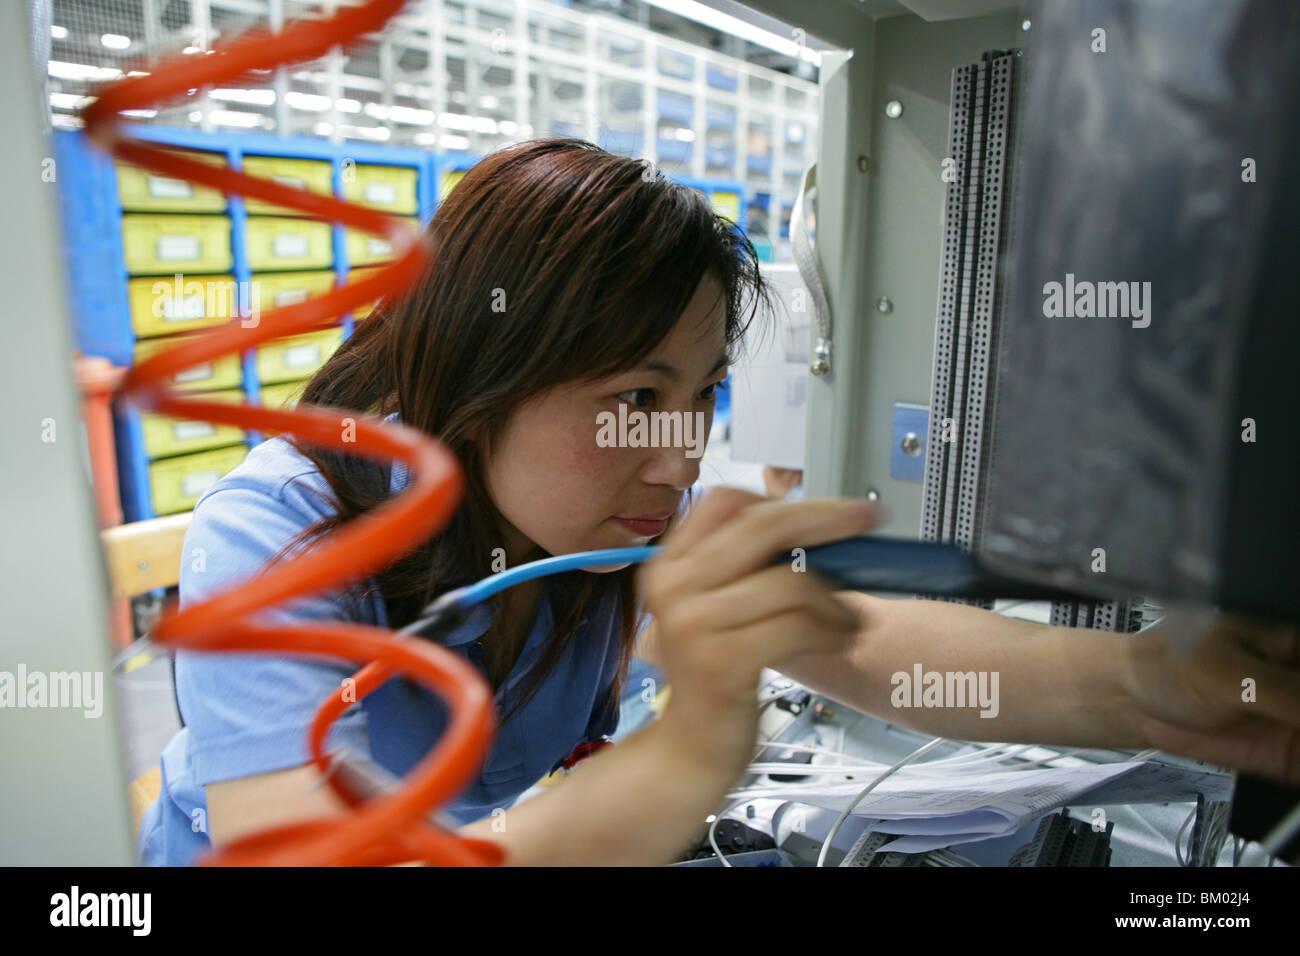 High-Tech, passer de la fabrication, les femmes travailleur, technicien Photo Stock